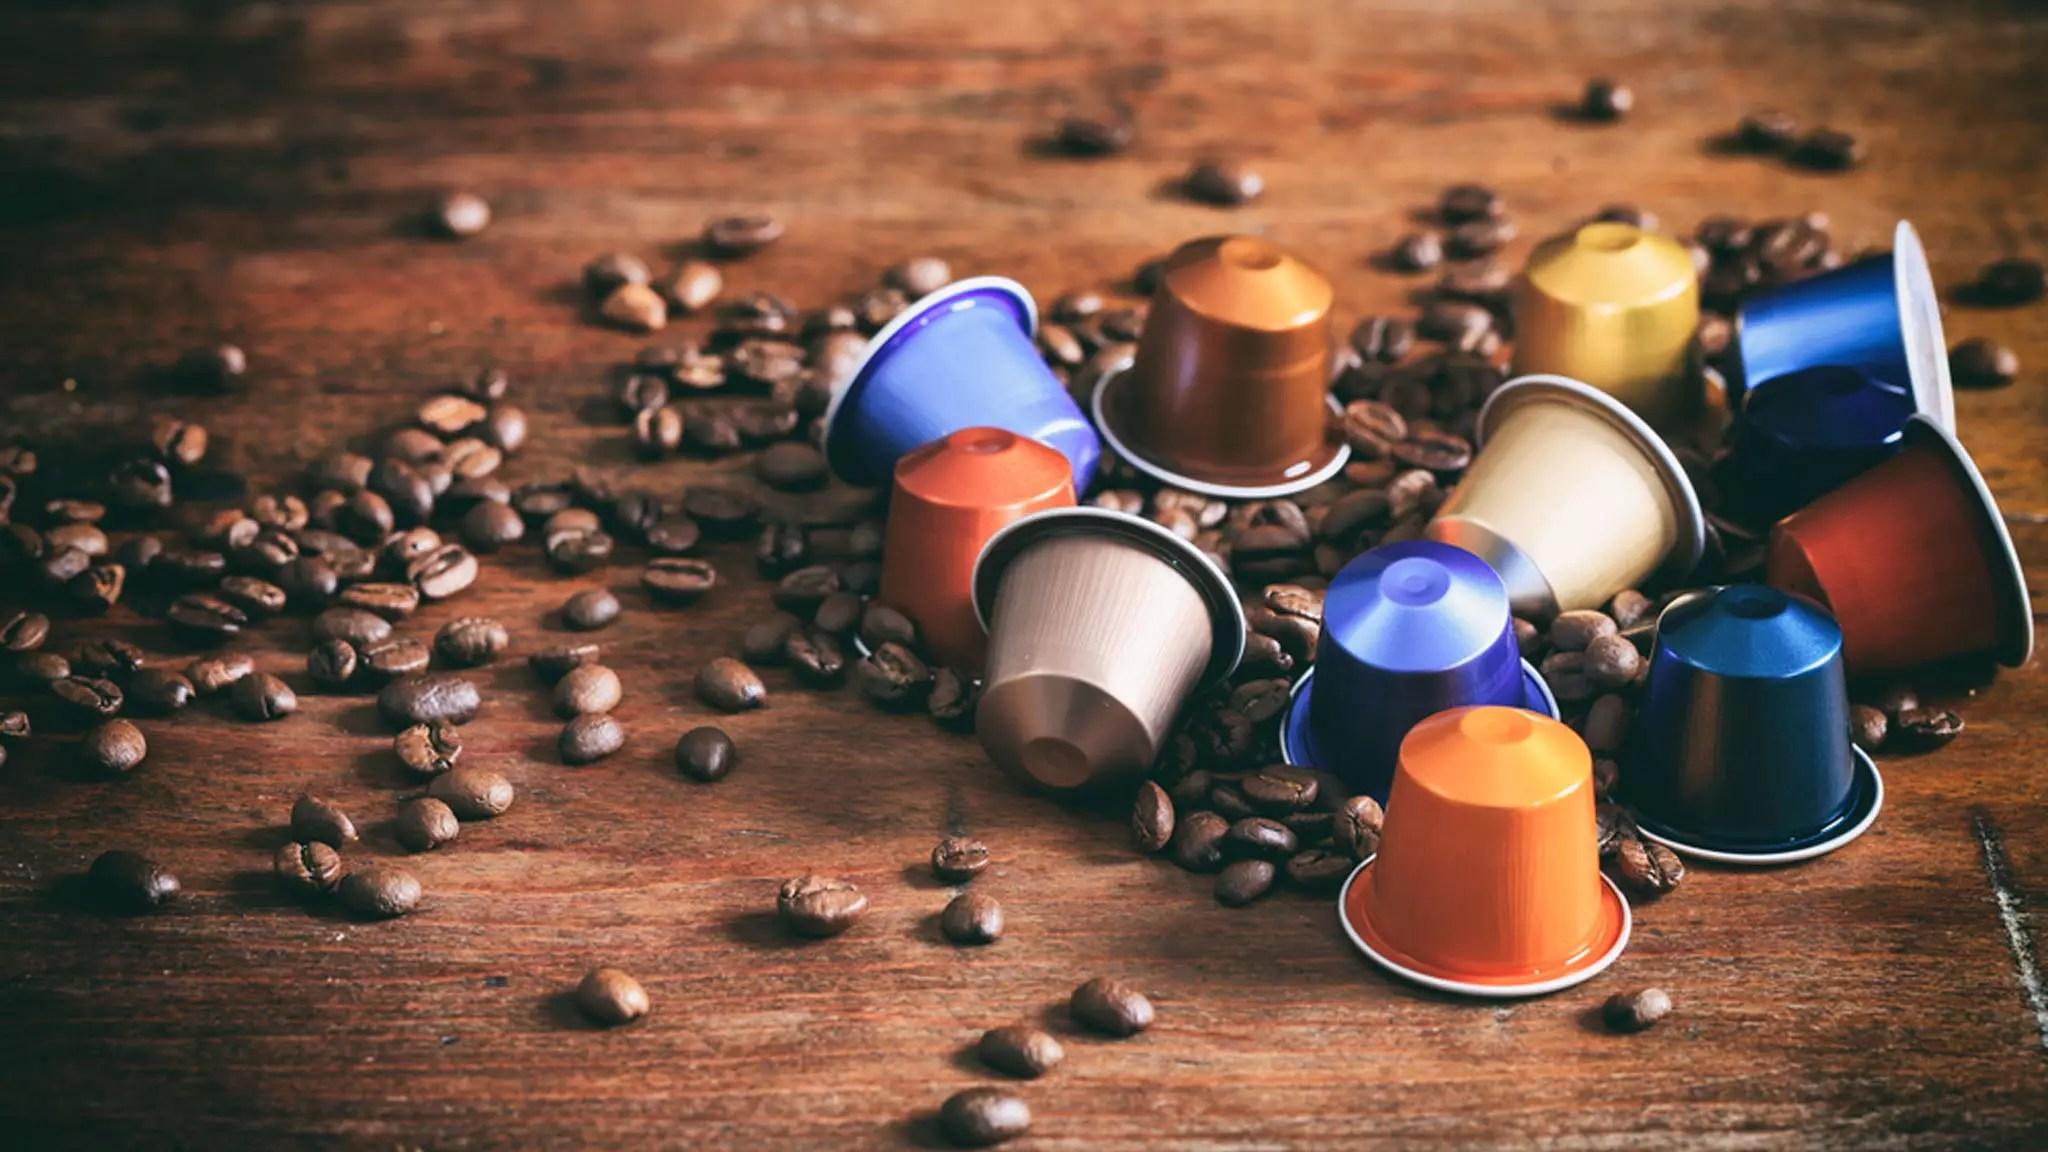 Рынок кофе в капсулах продолжит расти в ближайшие годы